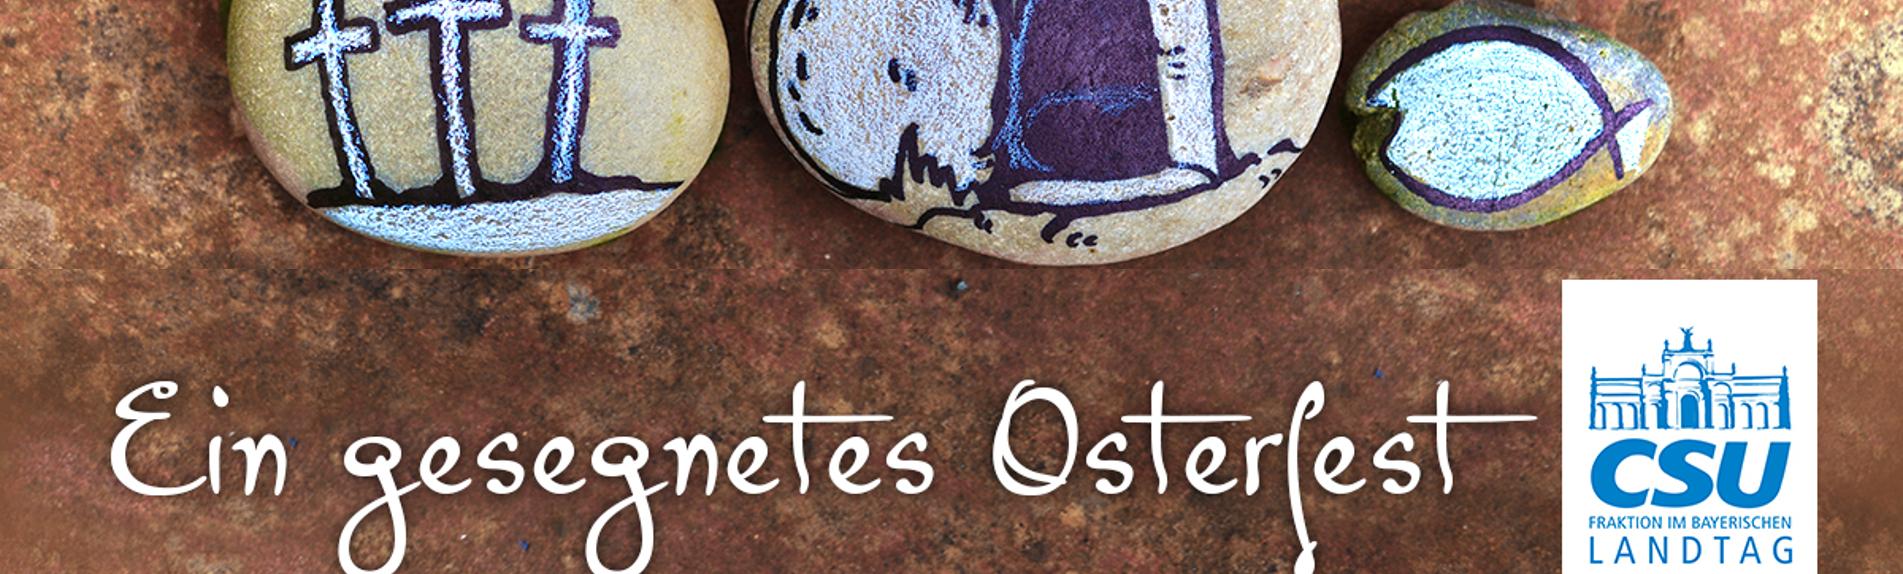 Ostern-Homepage-2